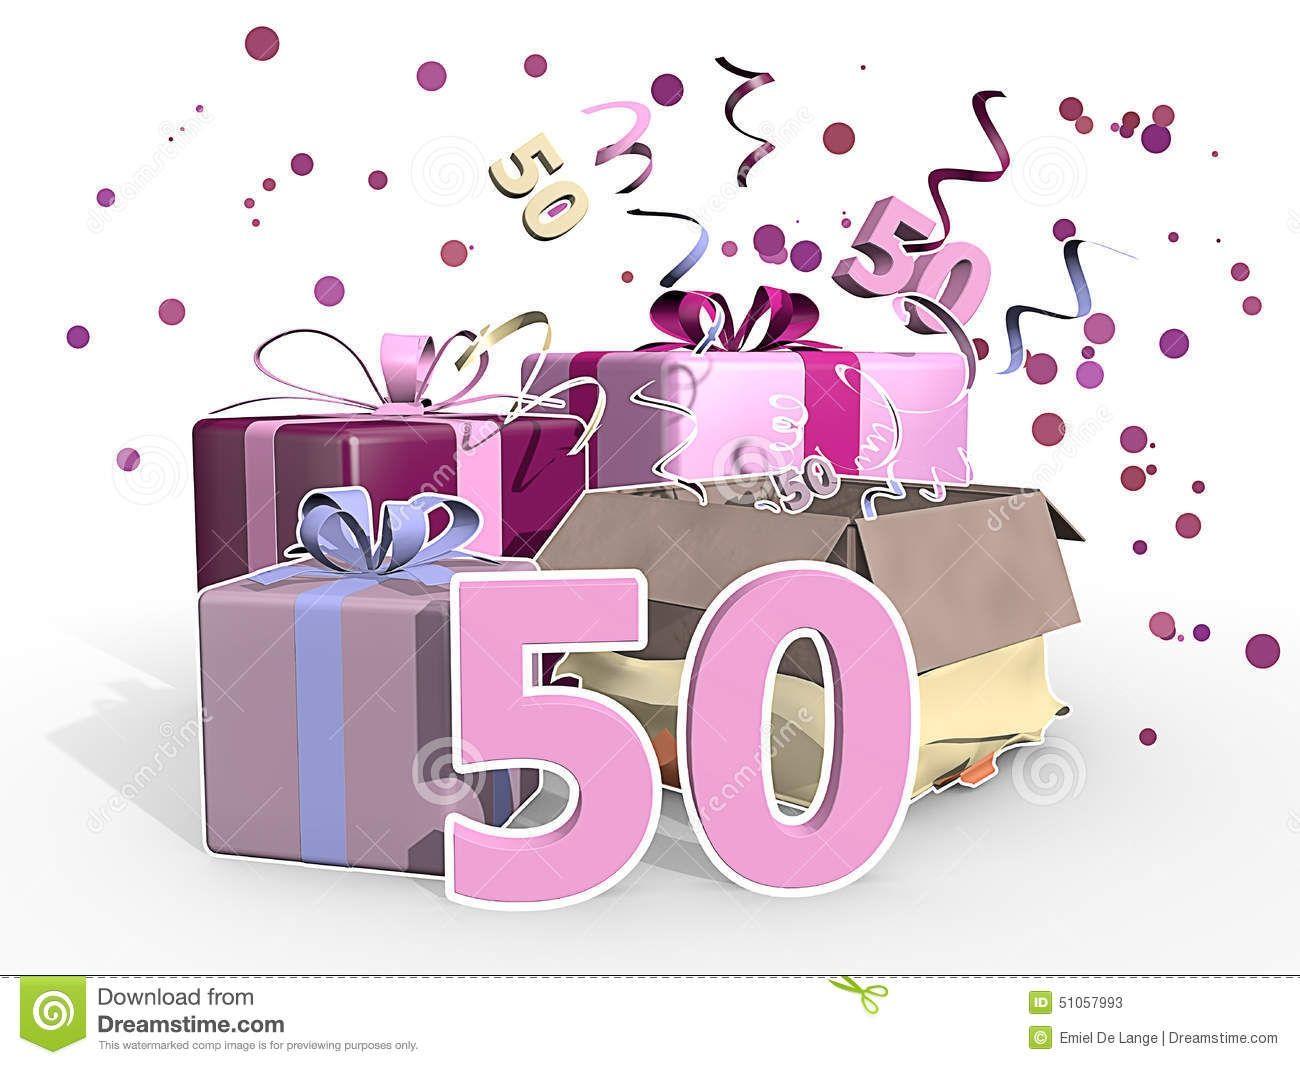 Tarjetas de cumpleaños para mujeres solteras anos putas Franca-80428